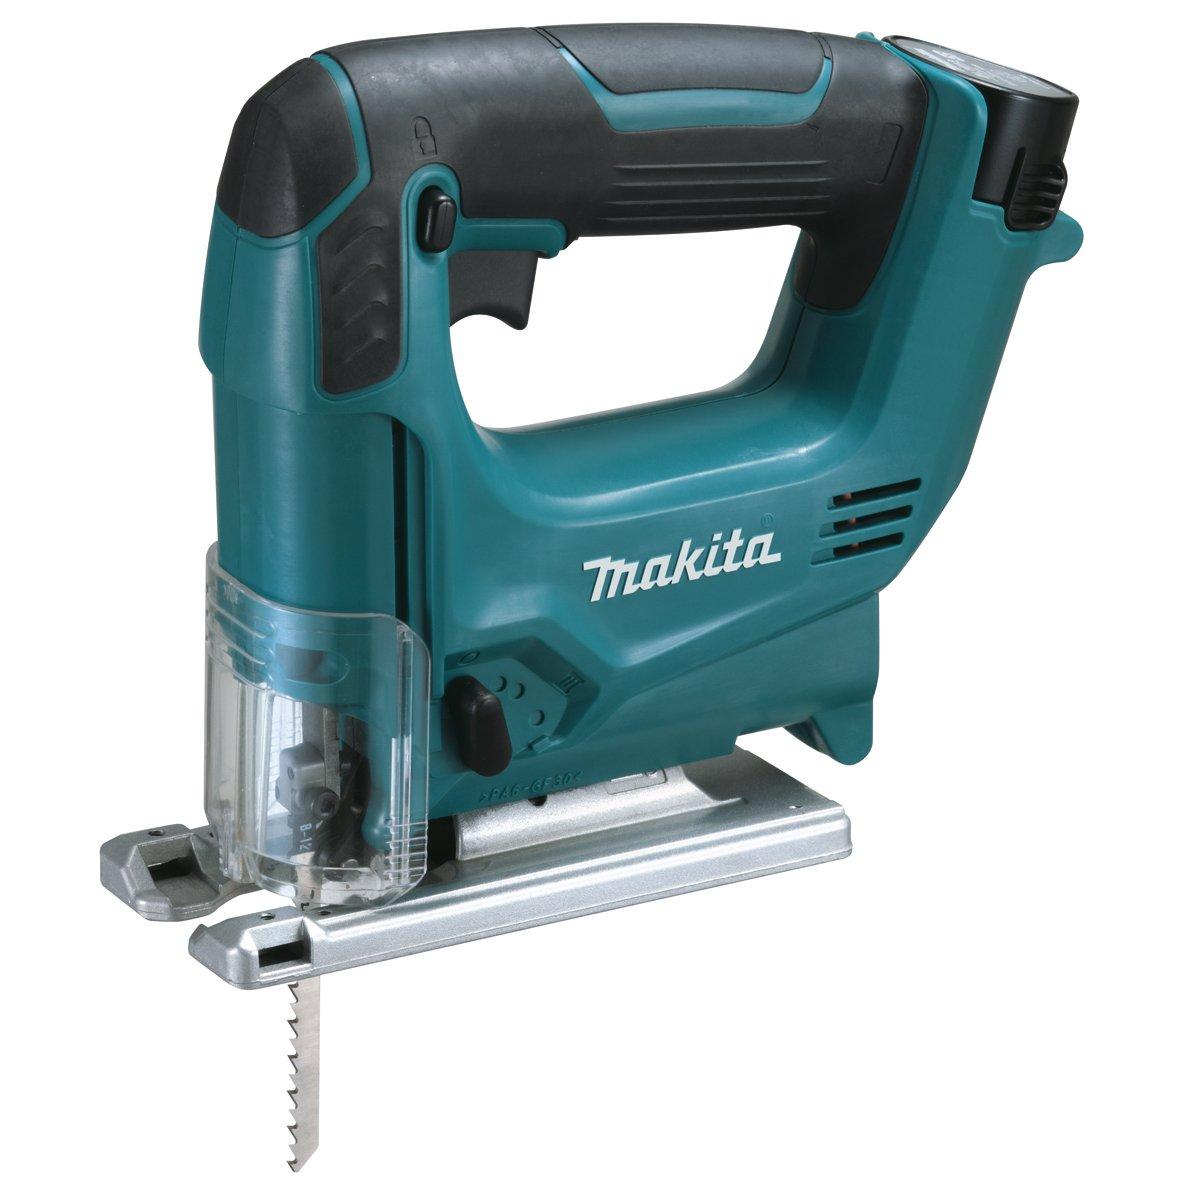 Makita JV100DWE AkkuStichsäge 10,8 V, 2 Akkus und Ladegerät  BaumarktKundenbewertung und Beschreibung